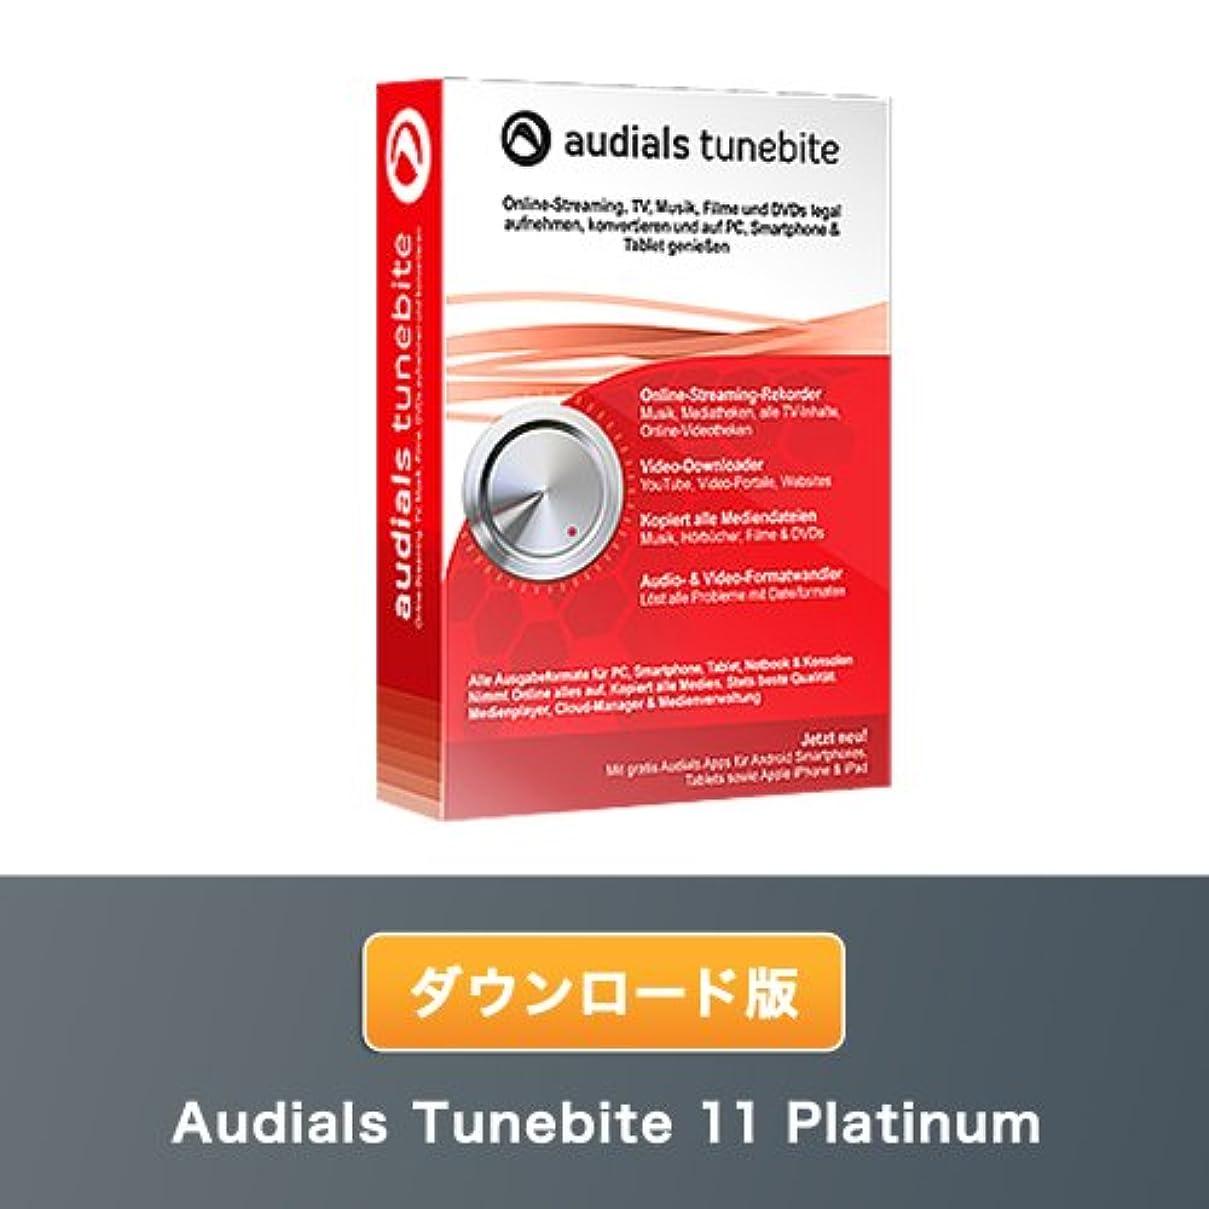 コインランドリー収束する含める【特別価格】Tunebite 11 Platinum (ダウンロード版) [ダウンロード]